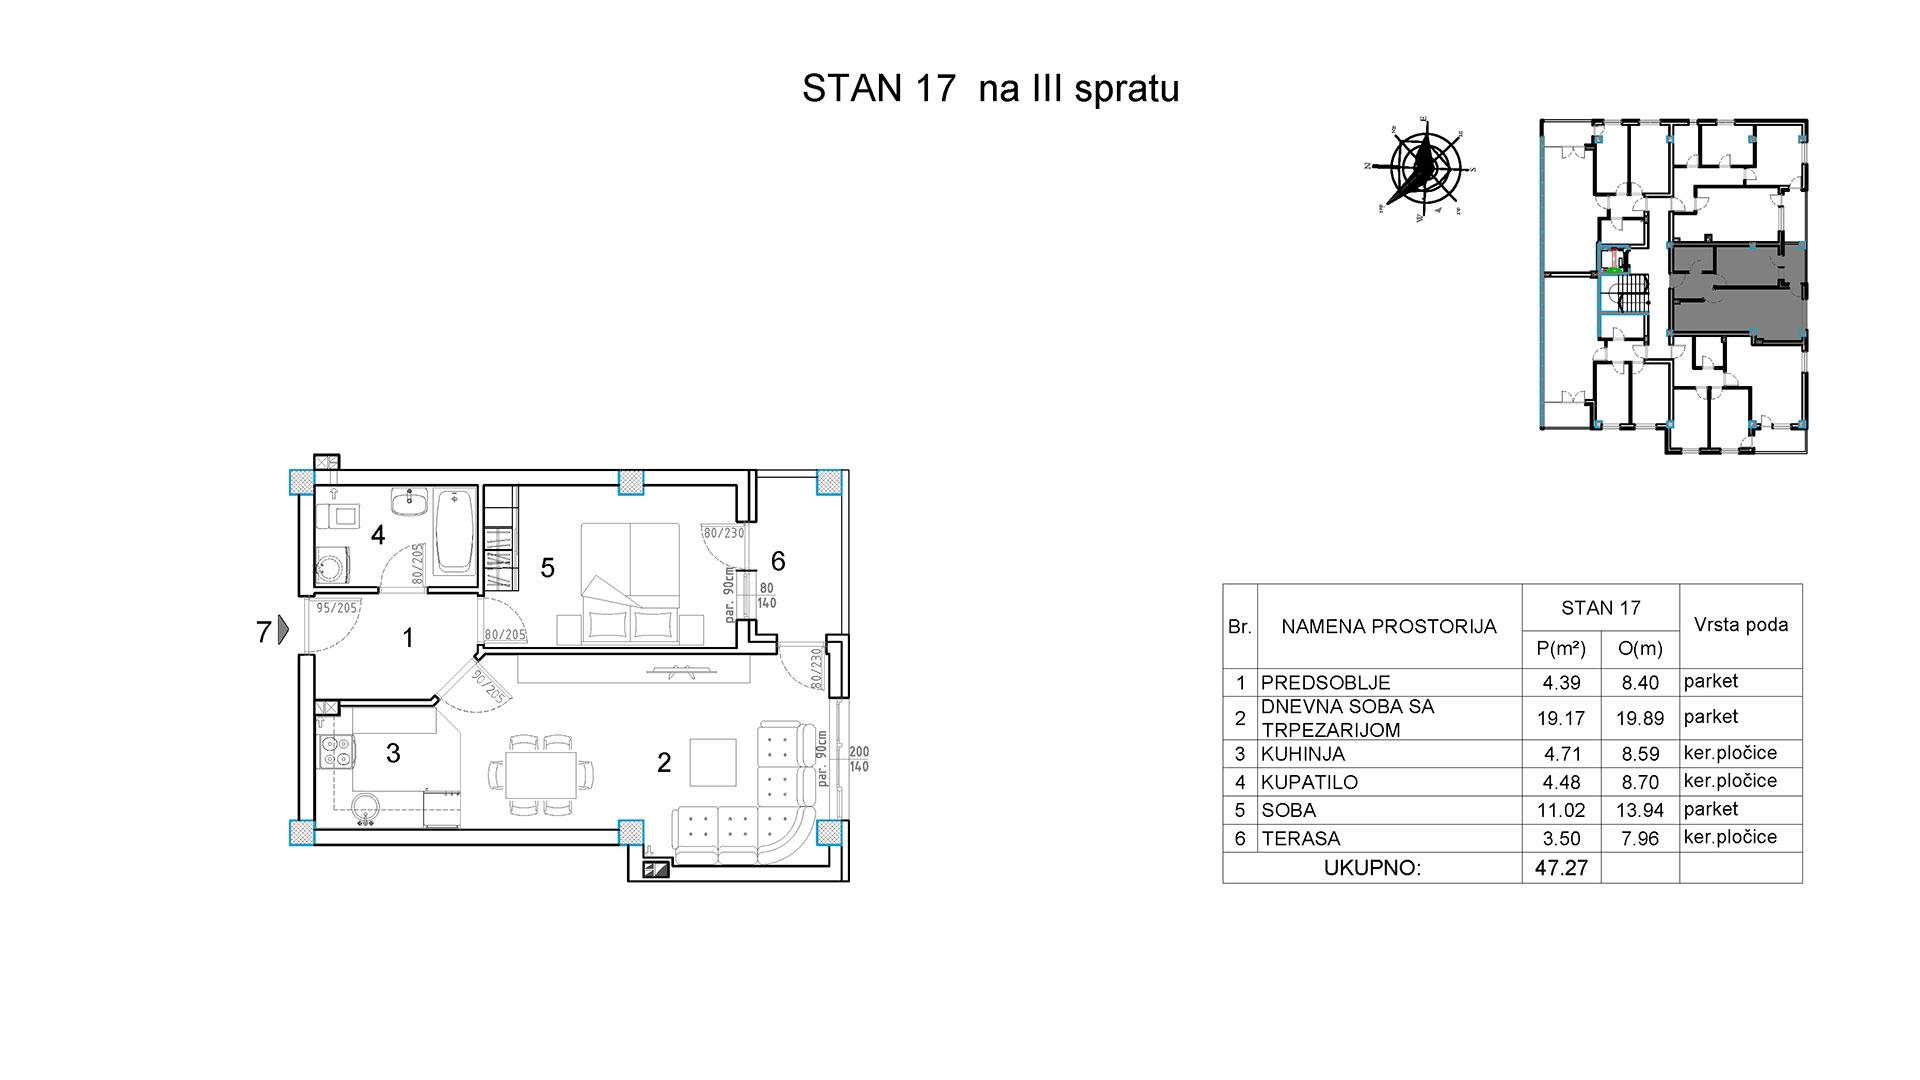 Objekat u Borivoja Stevanovica bb - Stan 17